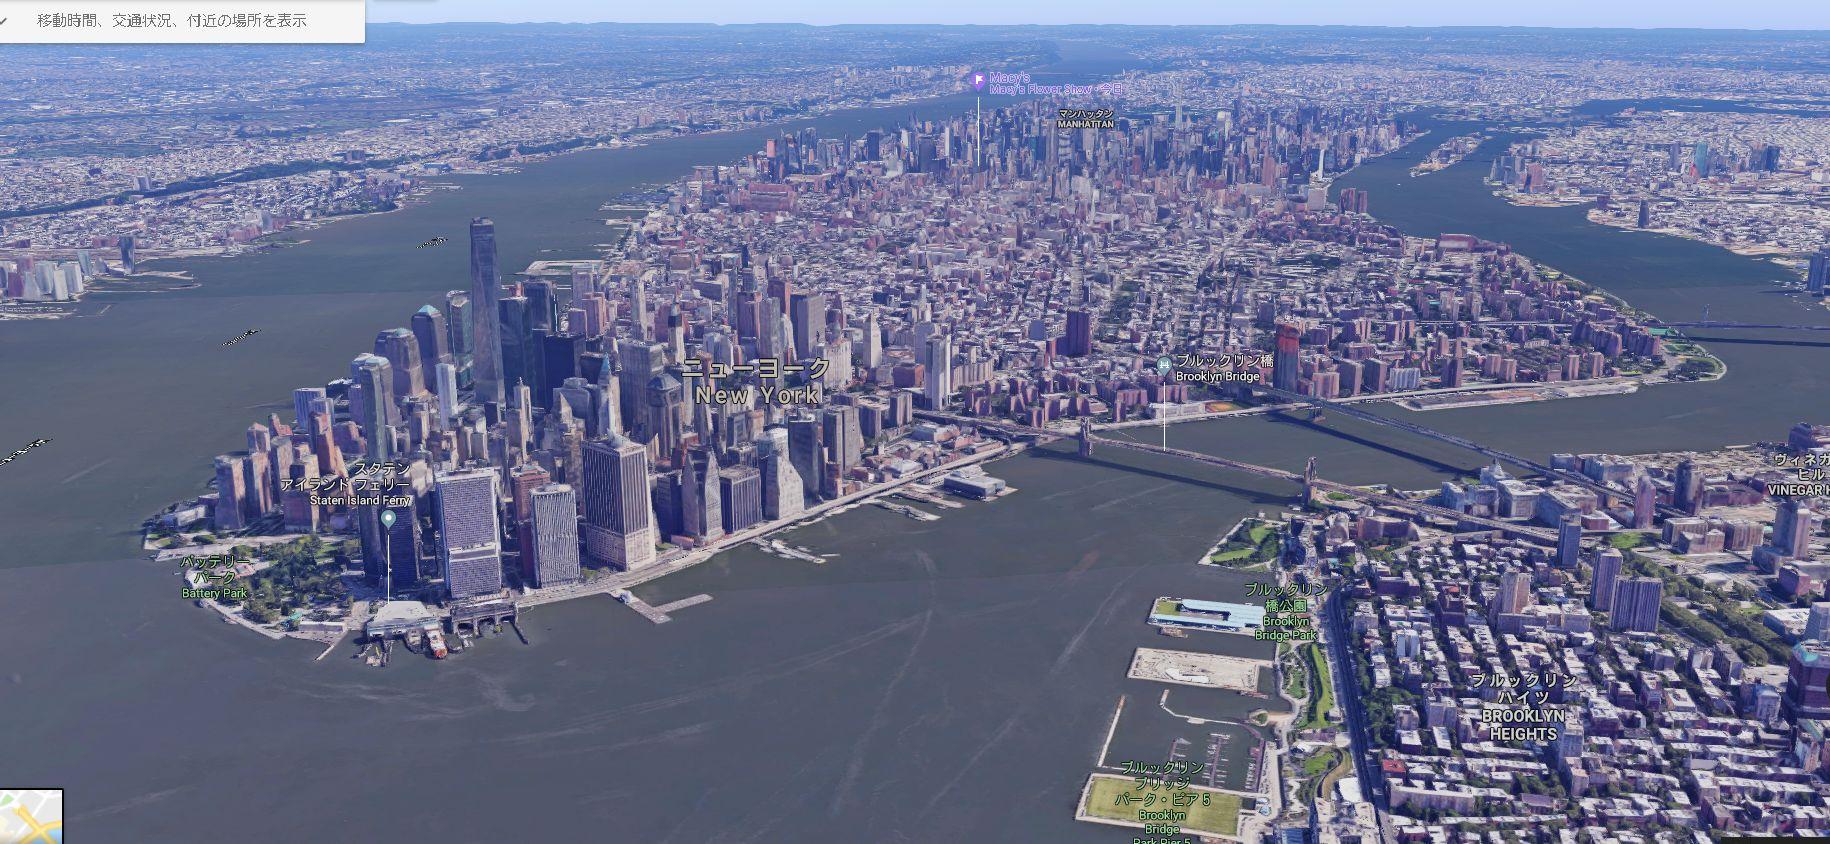 ニューヨーク全景